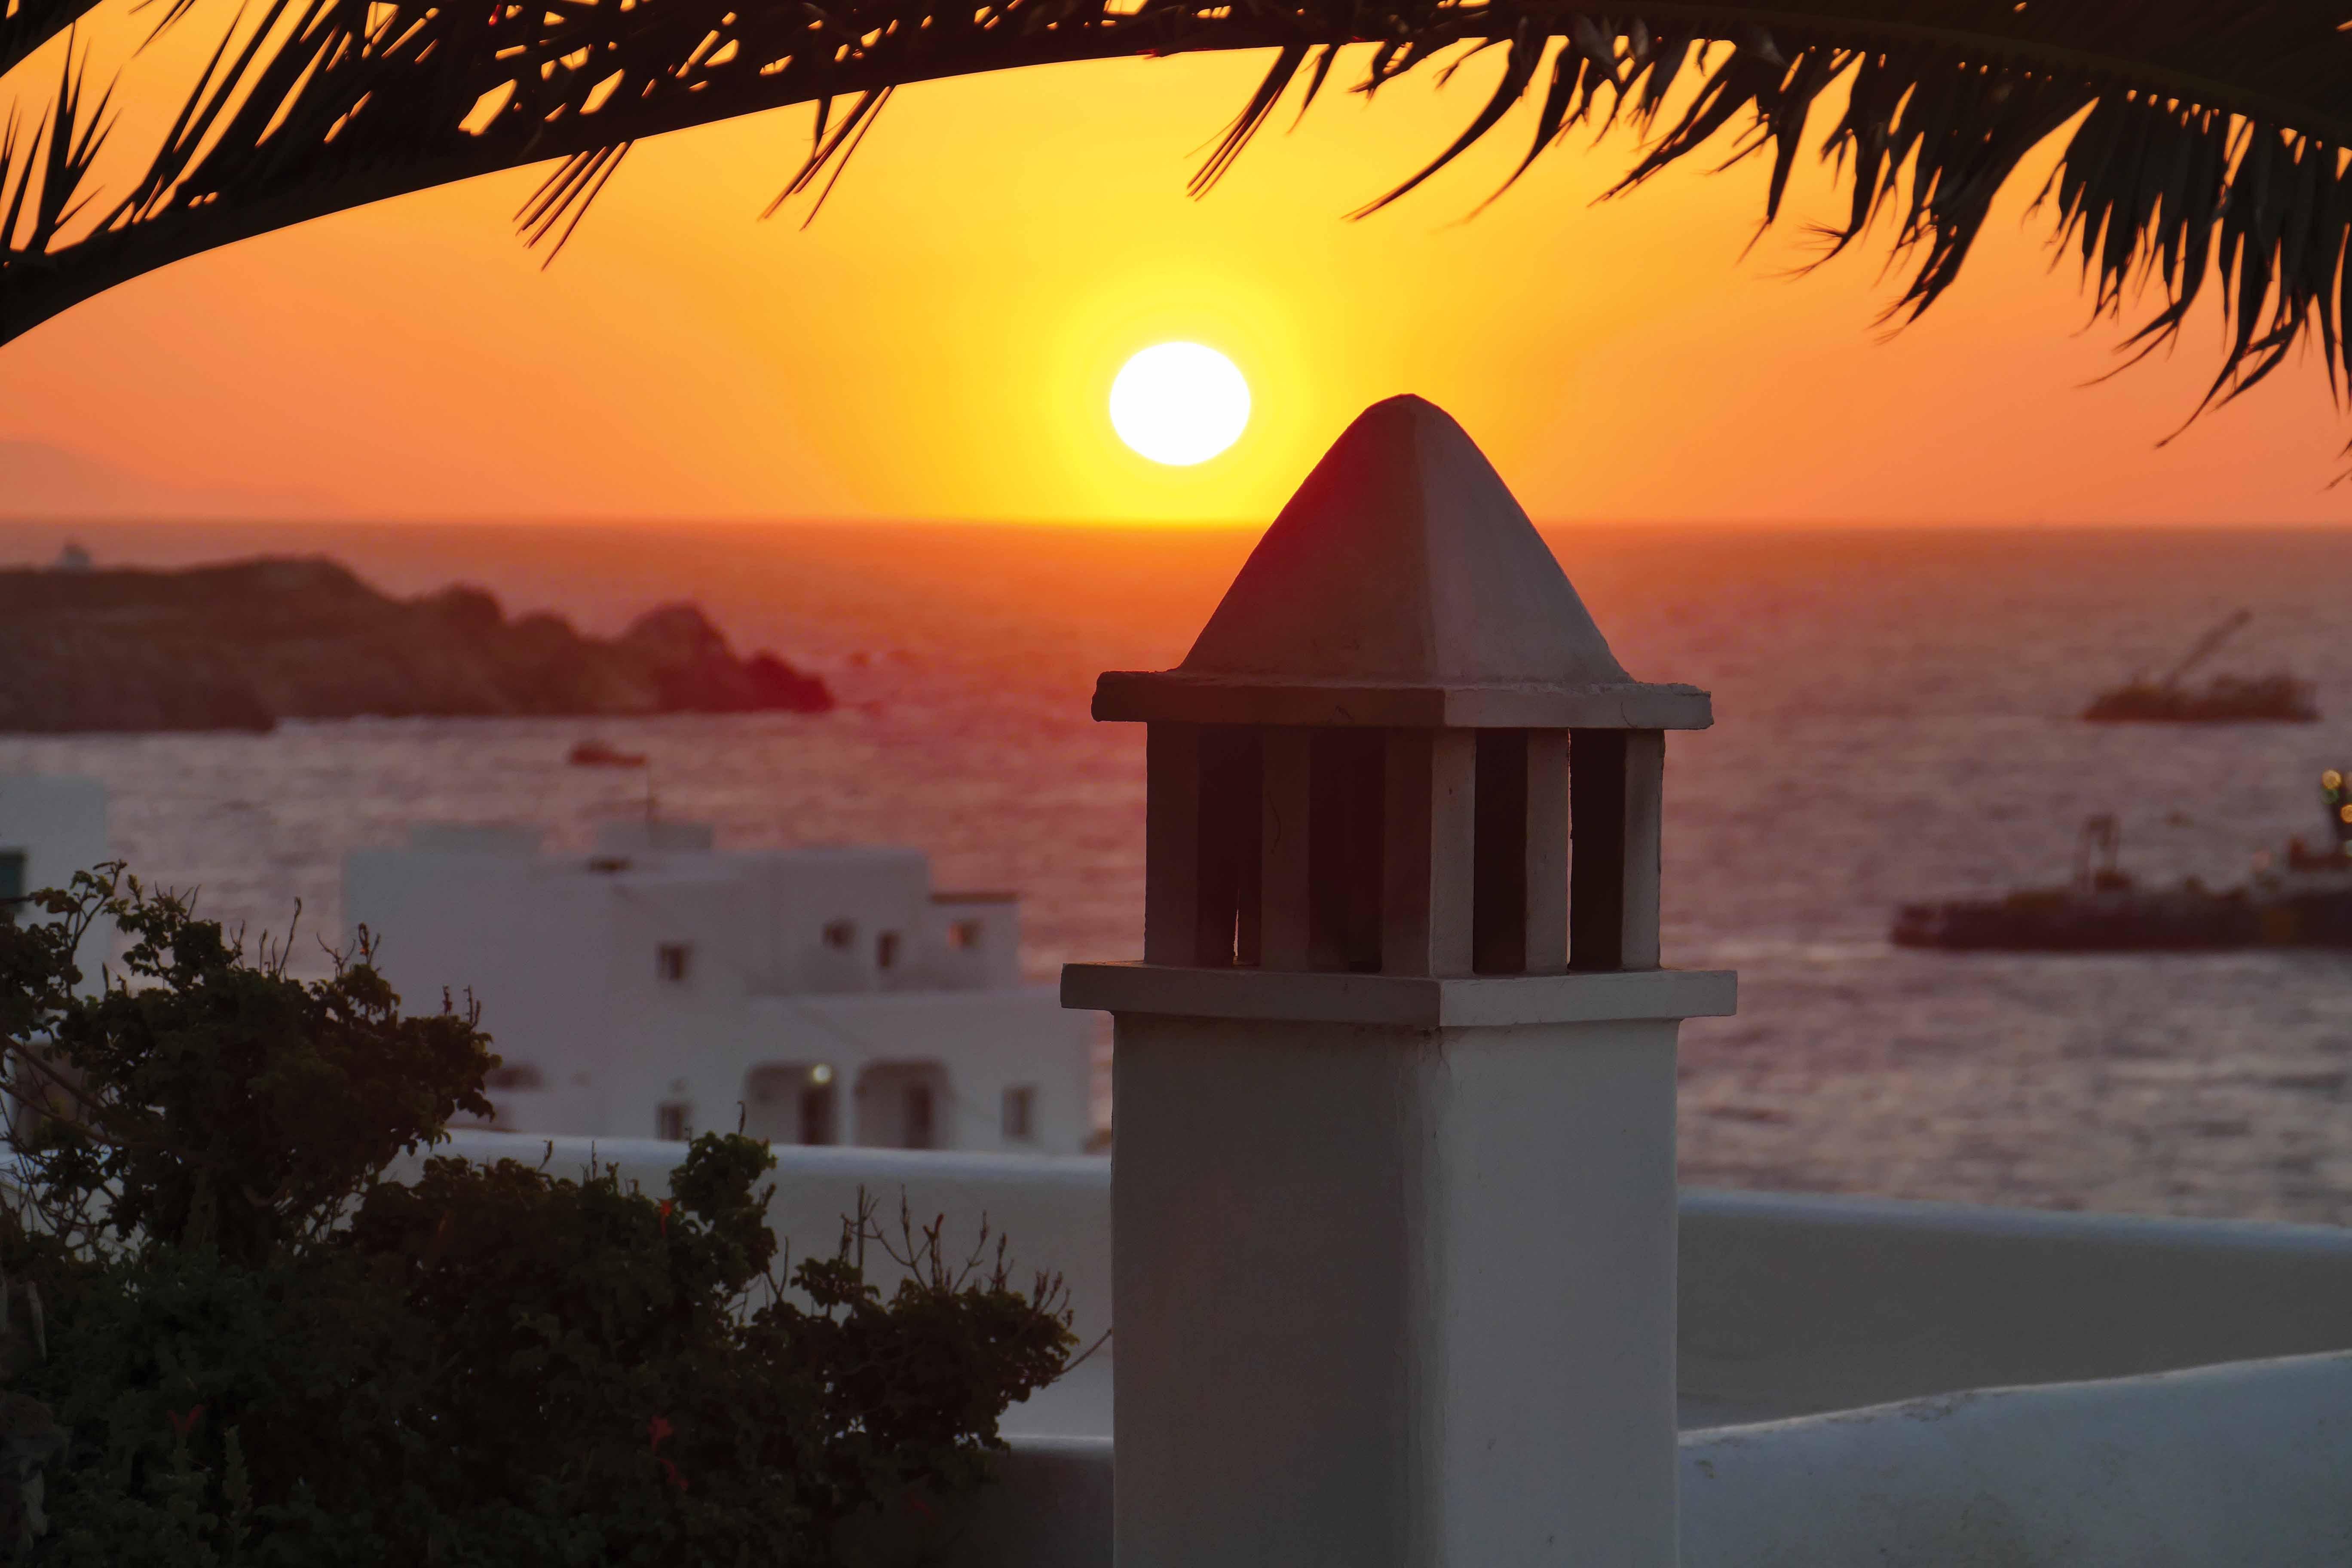 Sunset_Villa-min1